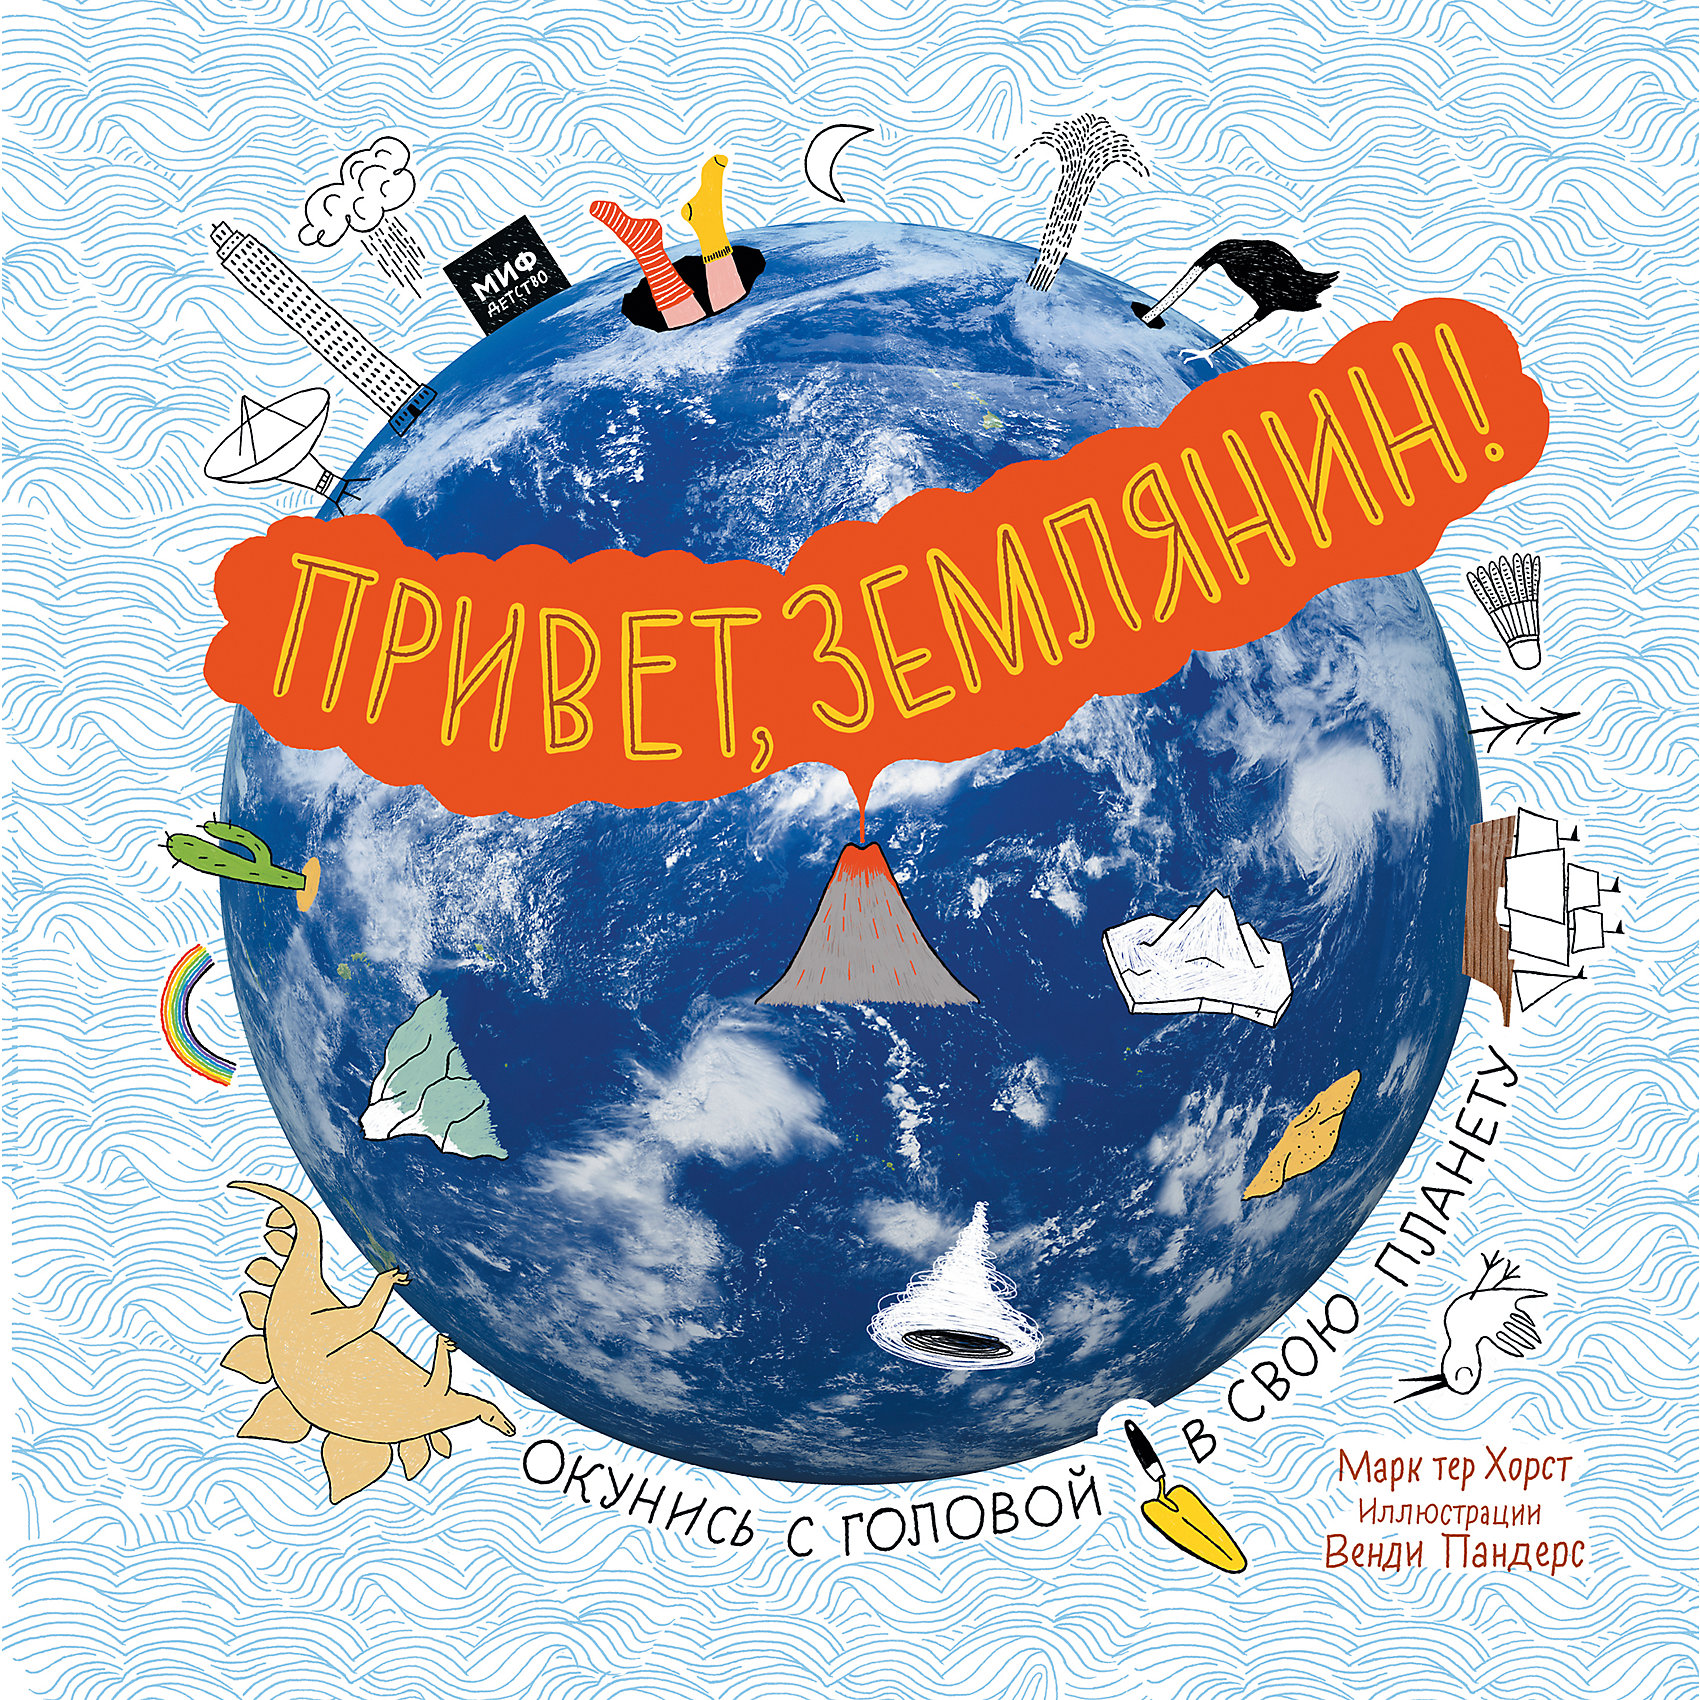 Привет, землянин!Энциклопедии всё обо всём<br>Книга знакомит юного читателя с планетой Земля. В ней рассказывается о месте Земли в Солнечной системе и ее соседях по космосу, о ее внутреннем строении и о том, как образуются горы, о вулканах и землетрясениях, о климате и природных зонах, о населении Земли – о нас землянах.<br><br>Ширина мм: 245<br>Глубина мм: 245<br>Высота мм: 80<br>Вес г: 435<br>Возраст от месяцев: 96<br>Возраст до месяцев: 168<br>Пол: Унисекс<br>Возраст: Детский<br>SKU: 5535154